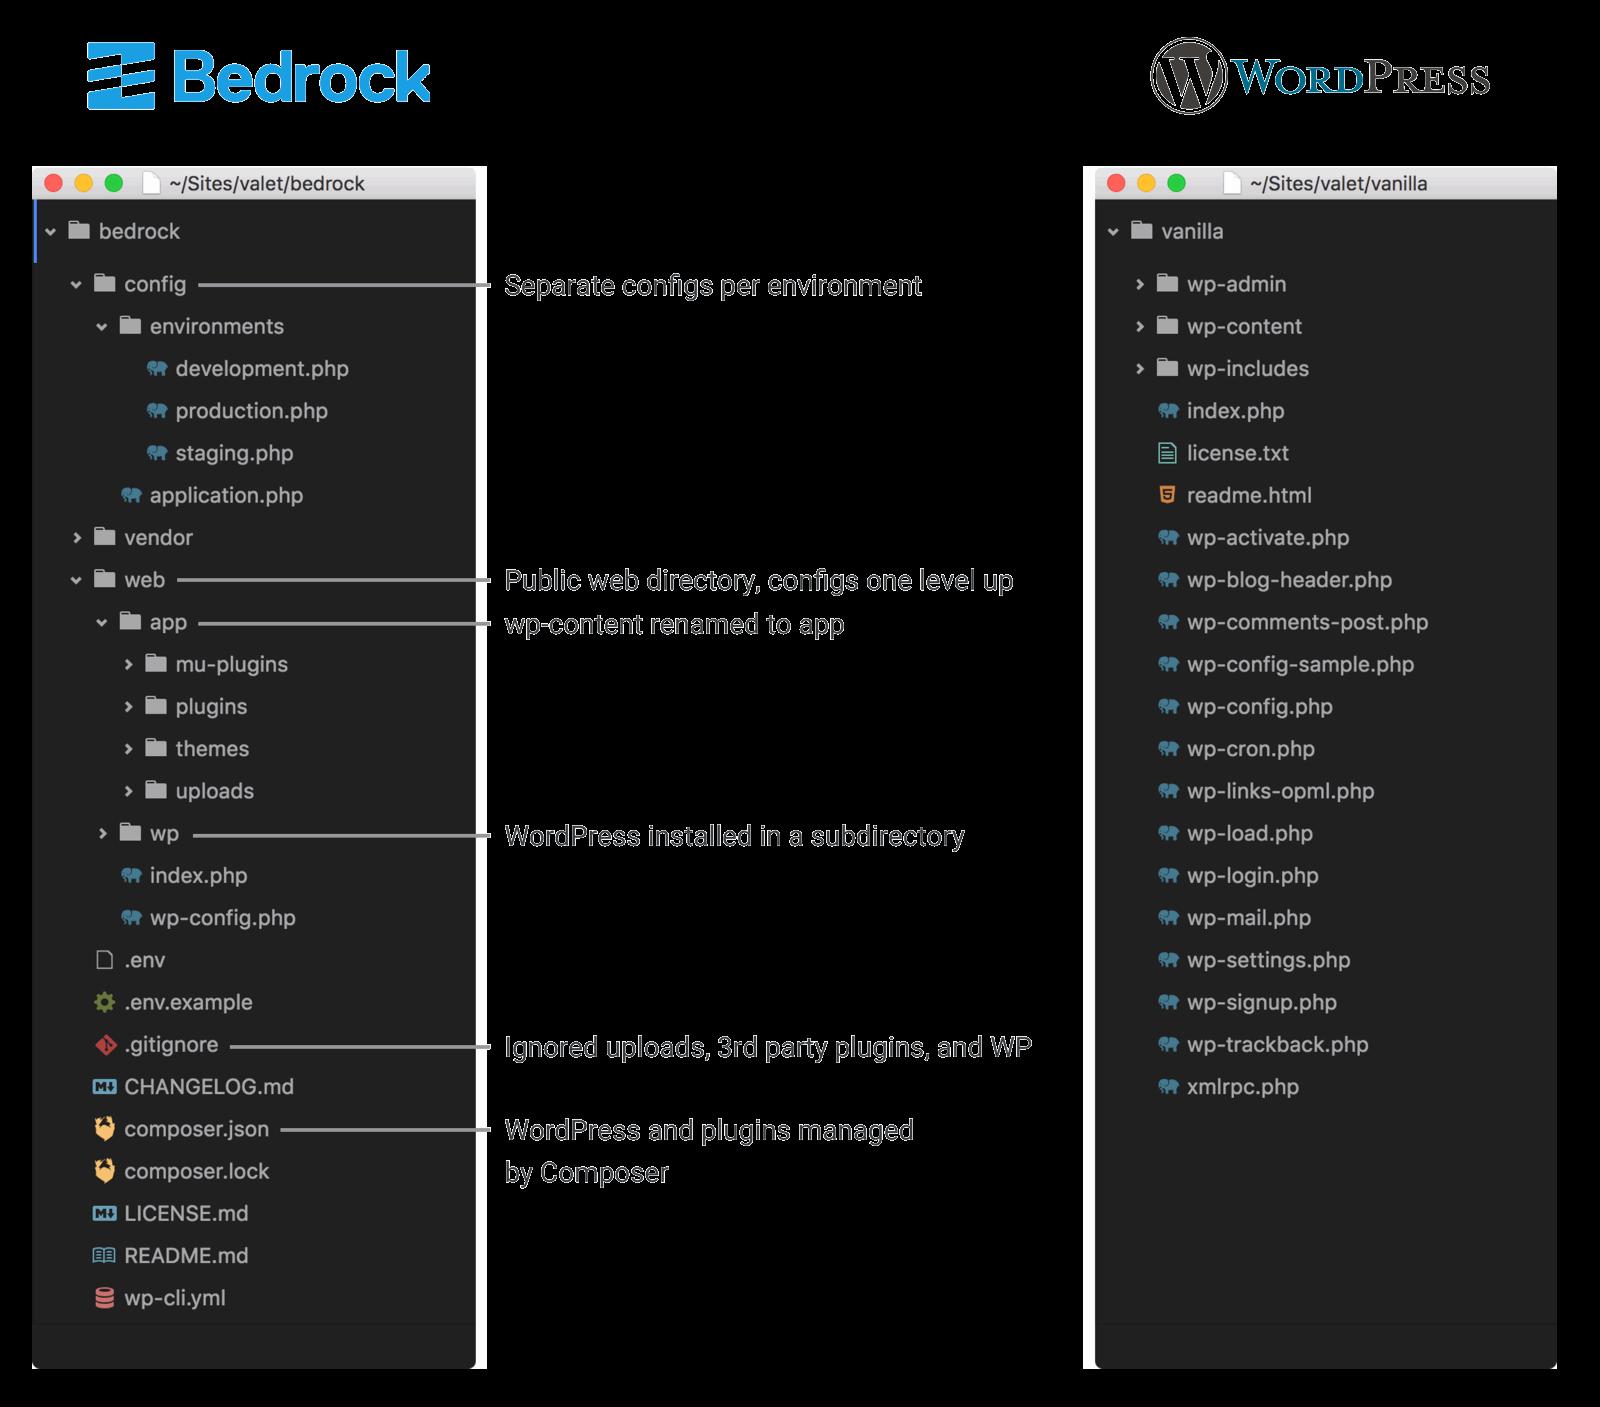 Bedrock vs WordPress